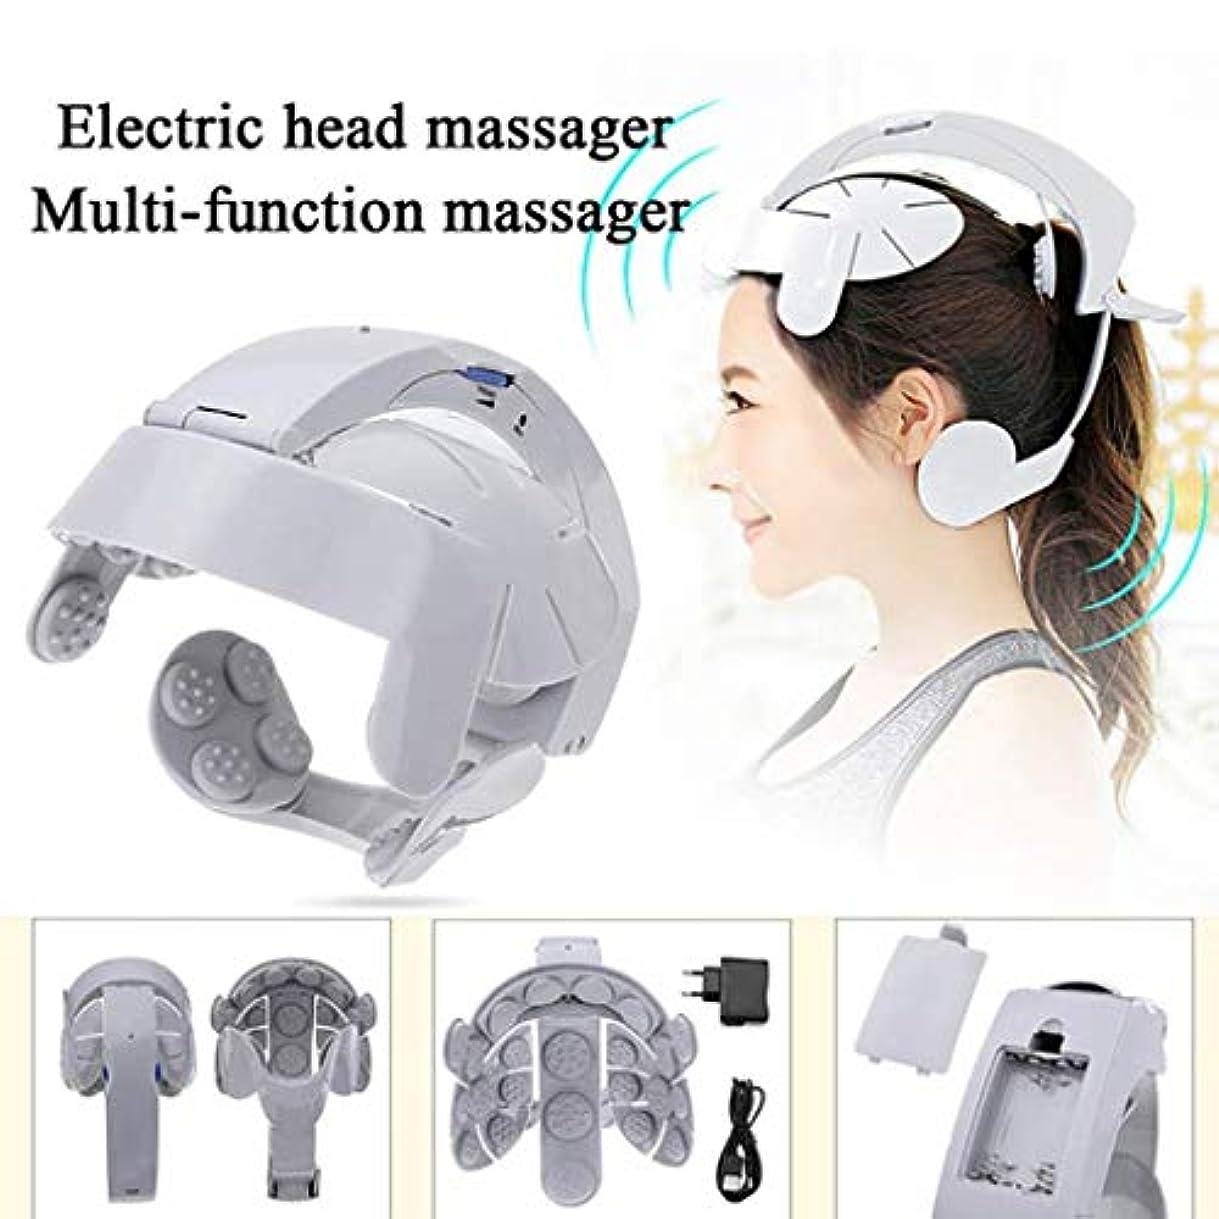 料理をする処分した聴くヘッドマッサージャー、電動マッサージャー、振動ヘッドマッサージャー、ストレス/痛みを和らげる、血液循環/睡眠を促進する